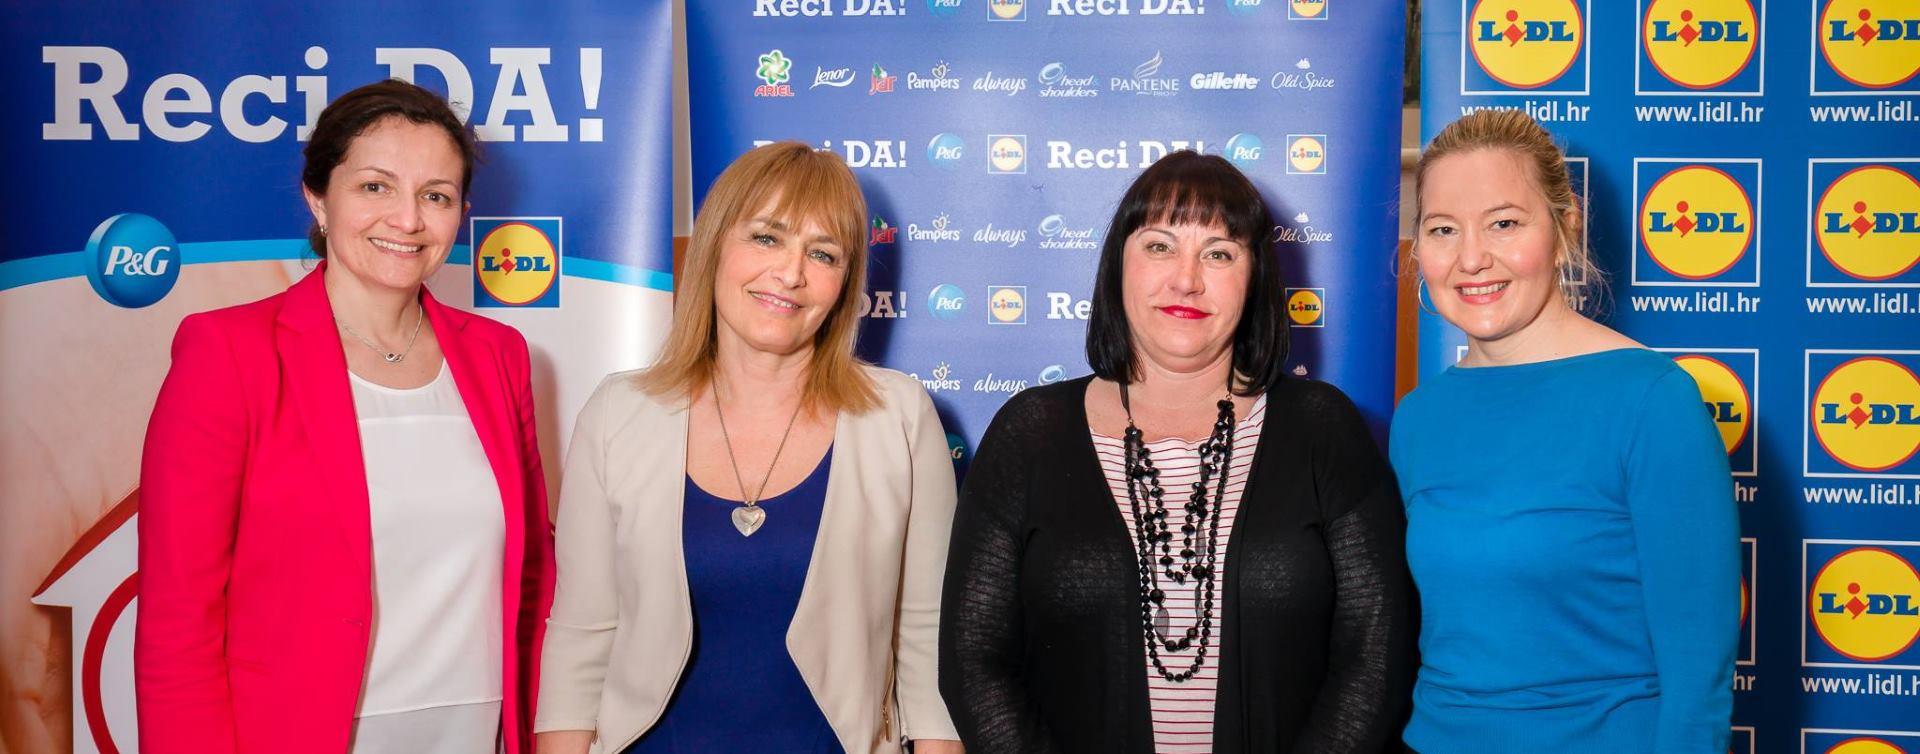 LIDL i P&G Traje humanitarna kampanja 'Reci DA!'